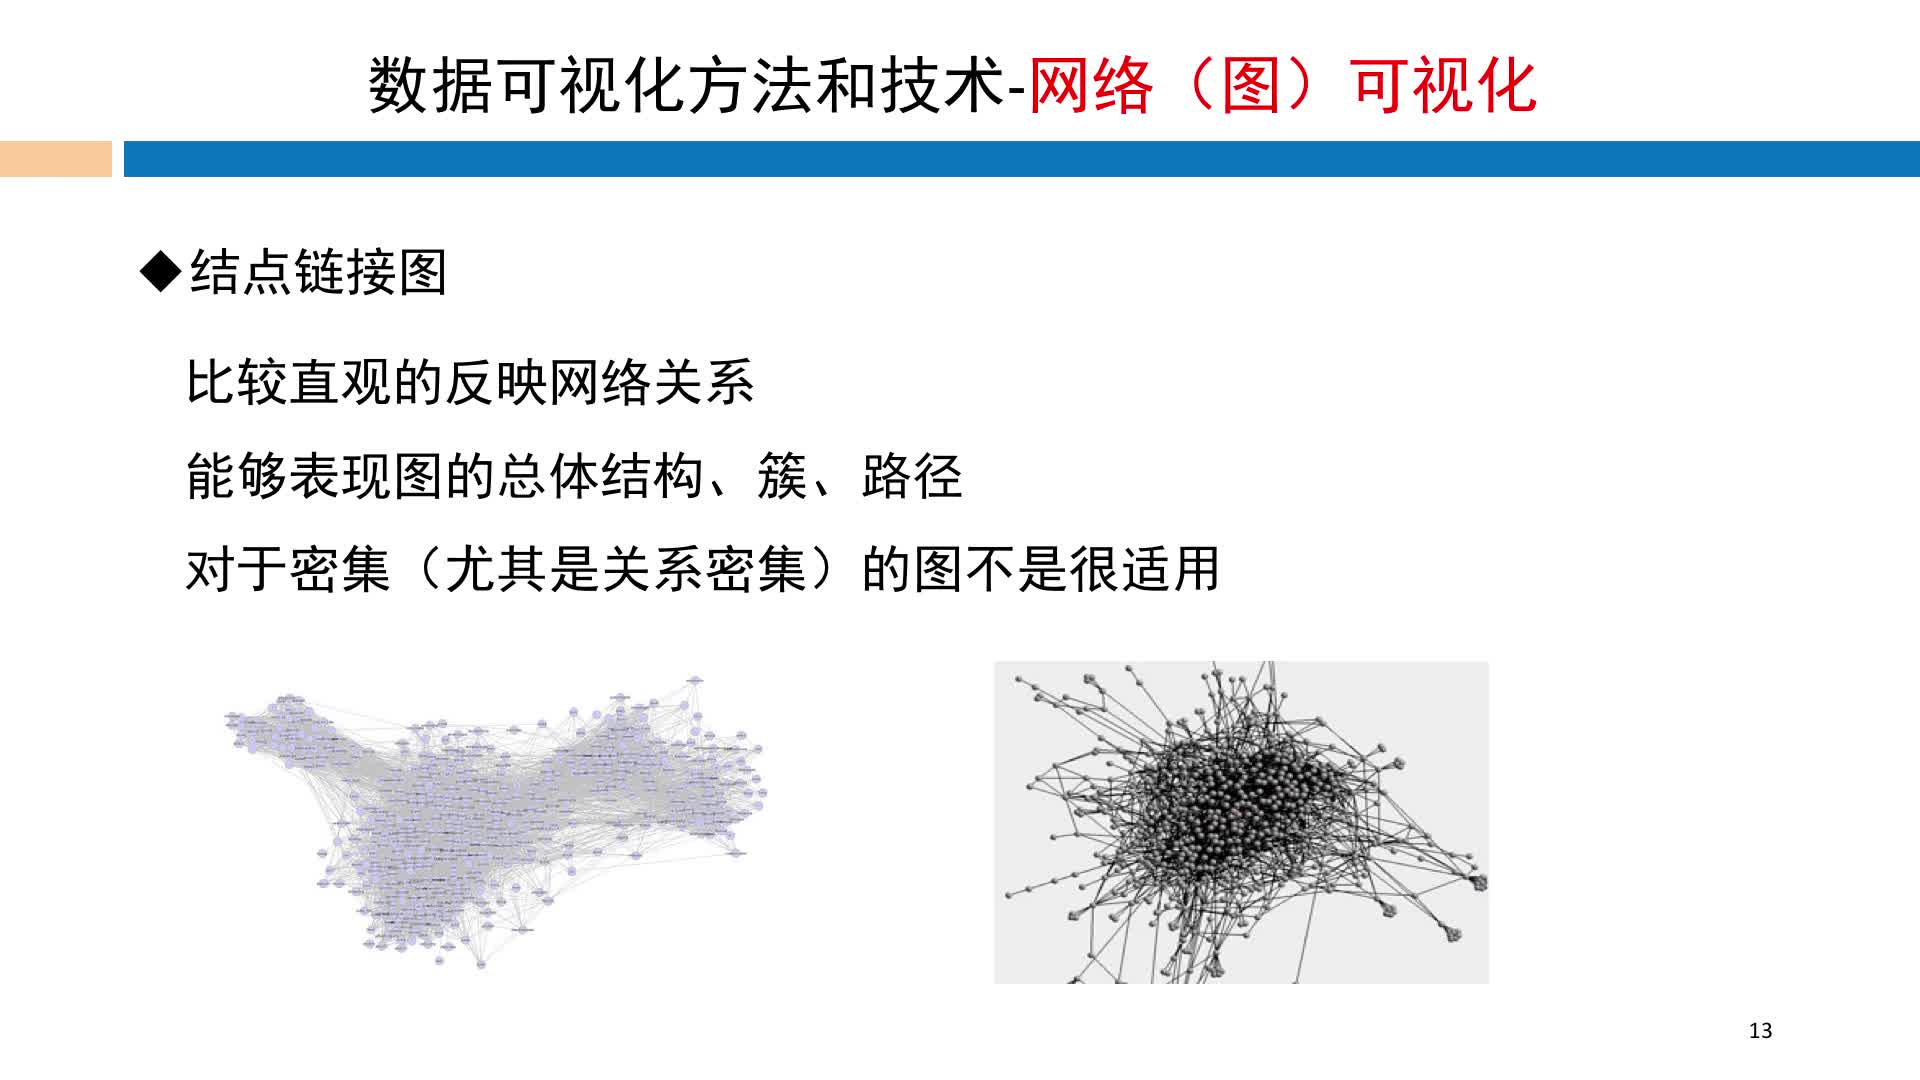 北京理工大学慕课——袁汉宁:数据可视化(二)